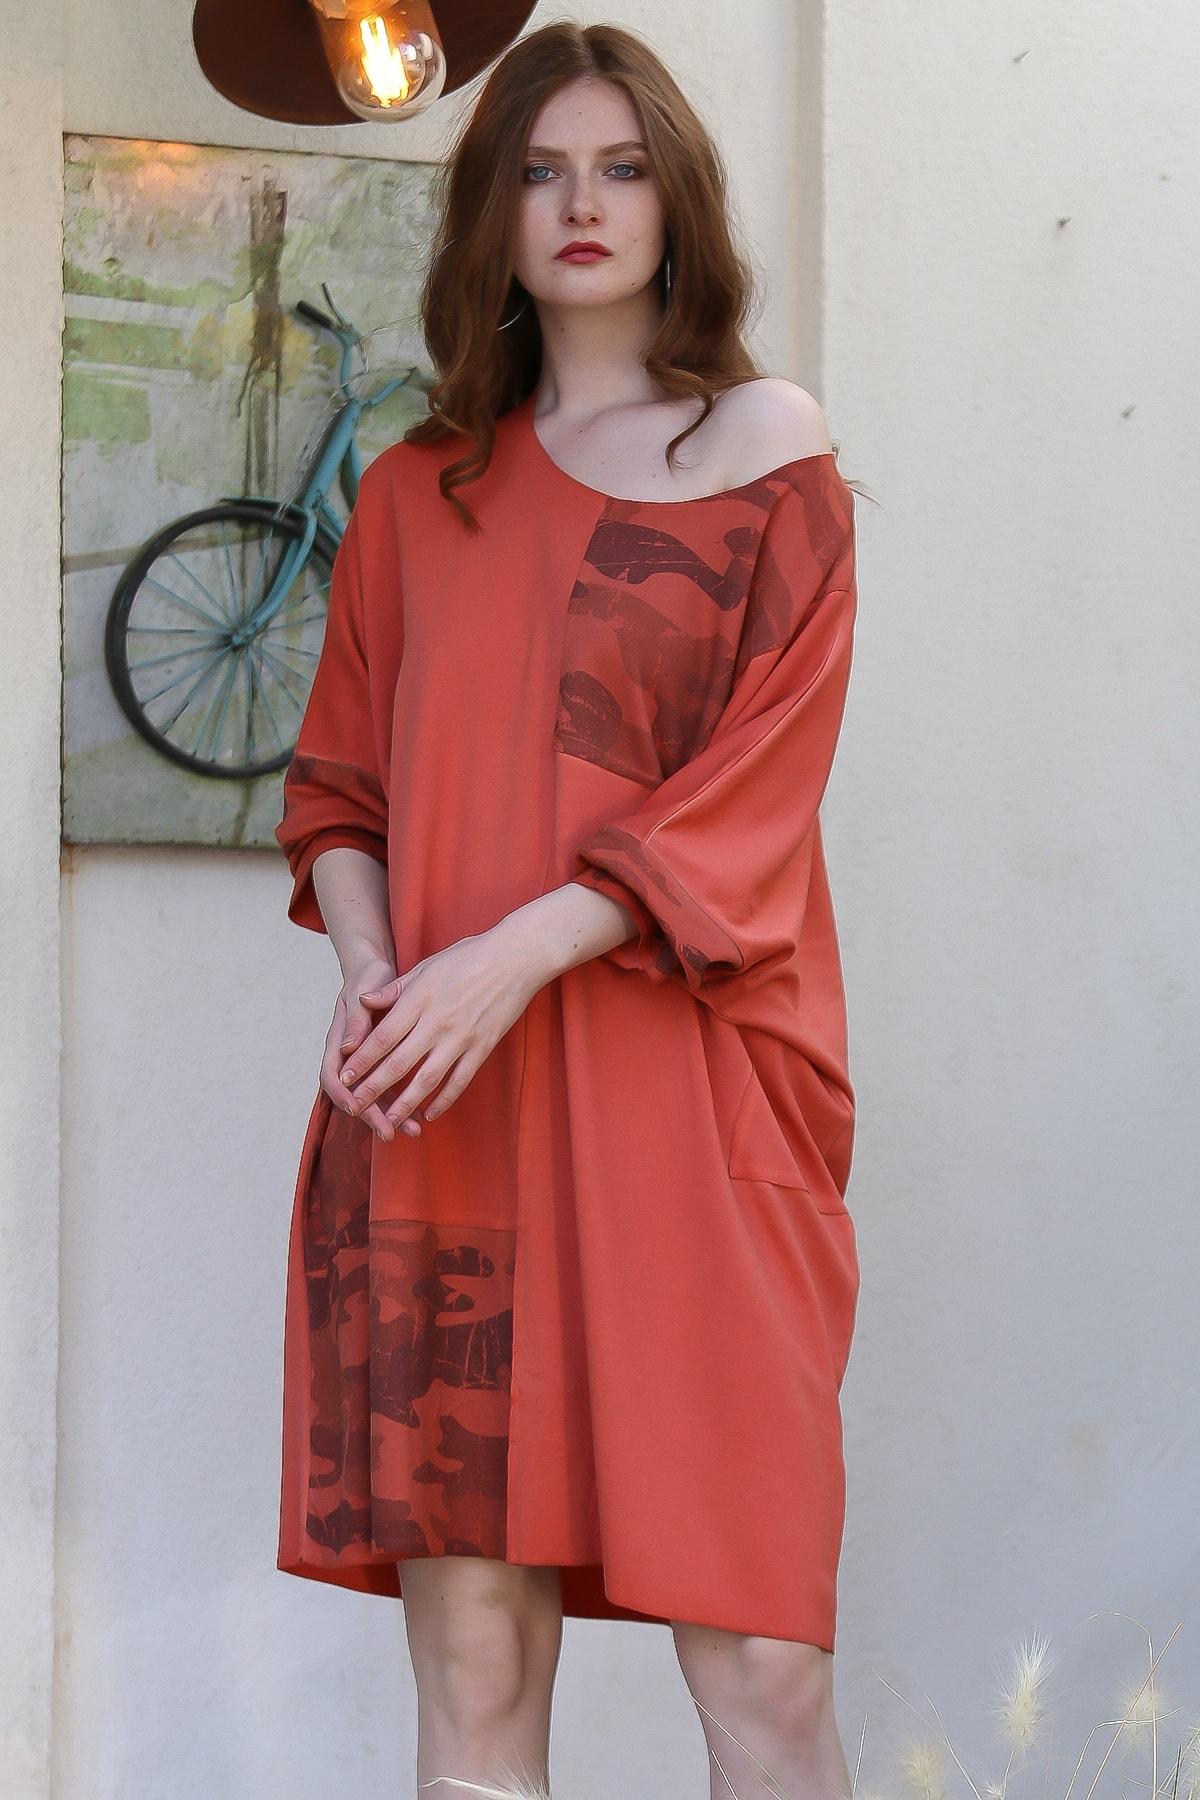 Chiccy Kadın Kiremit Bohem Kamuflaj Bloklu Yıkamalı Oversize Elbise M10160000EL96213